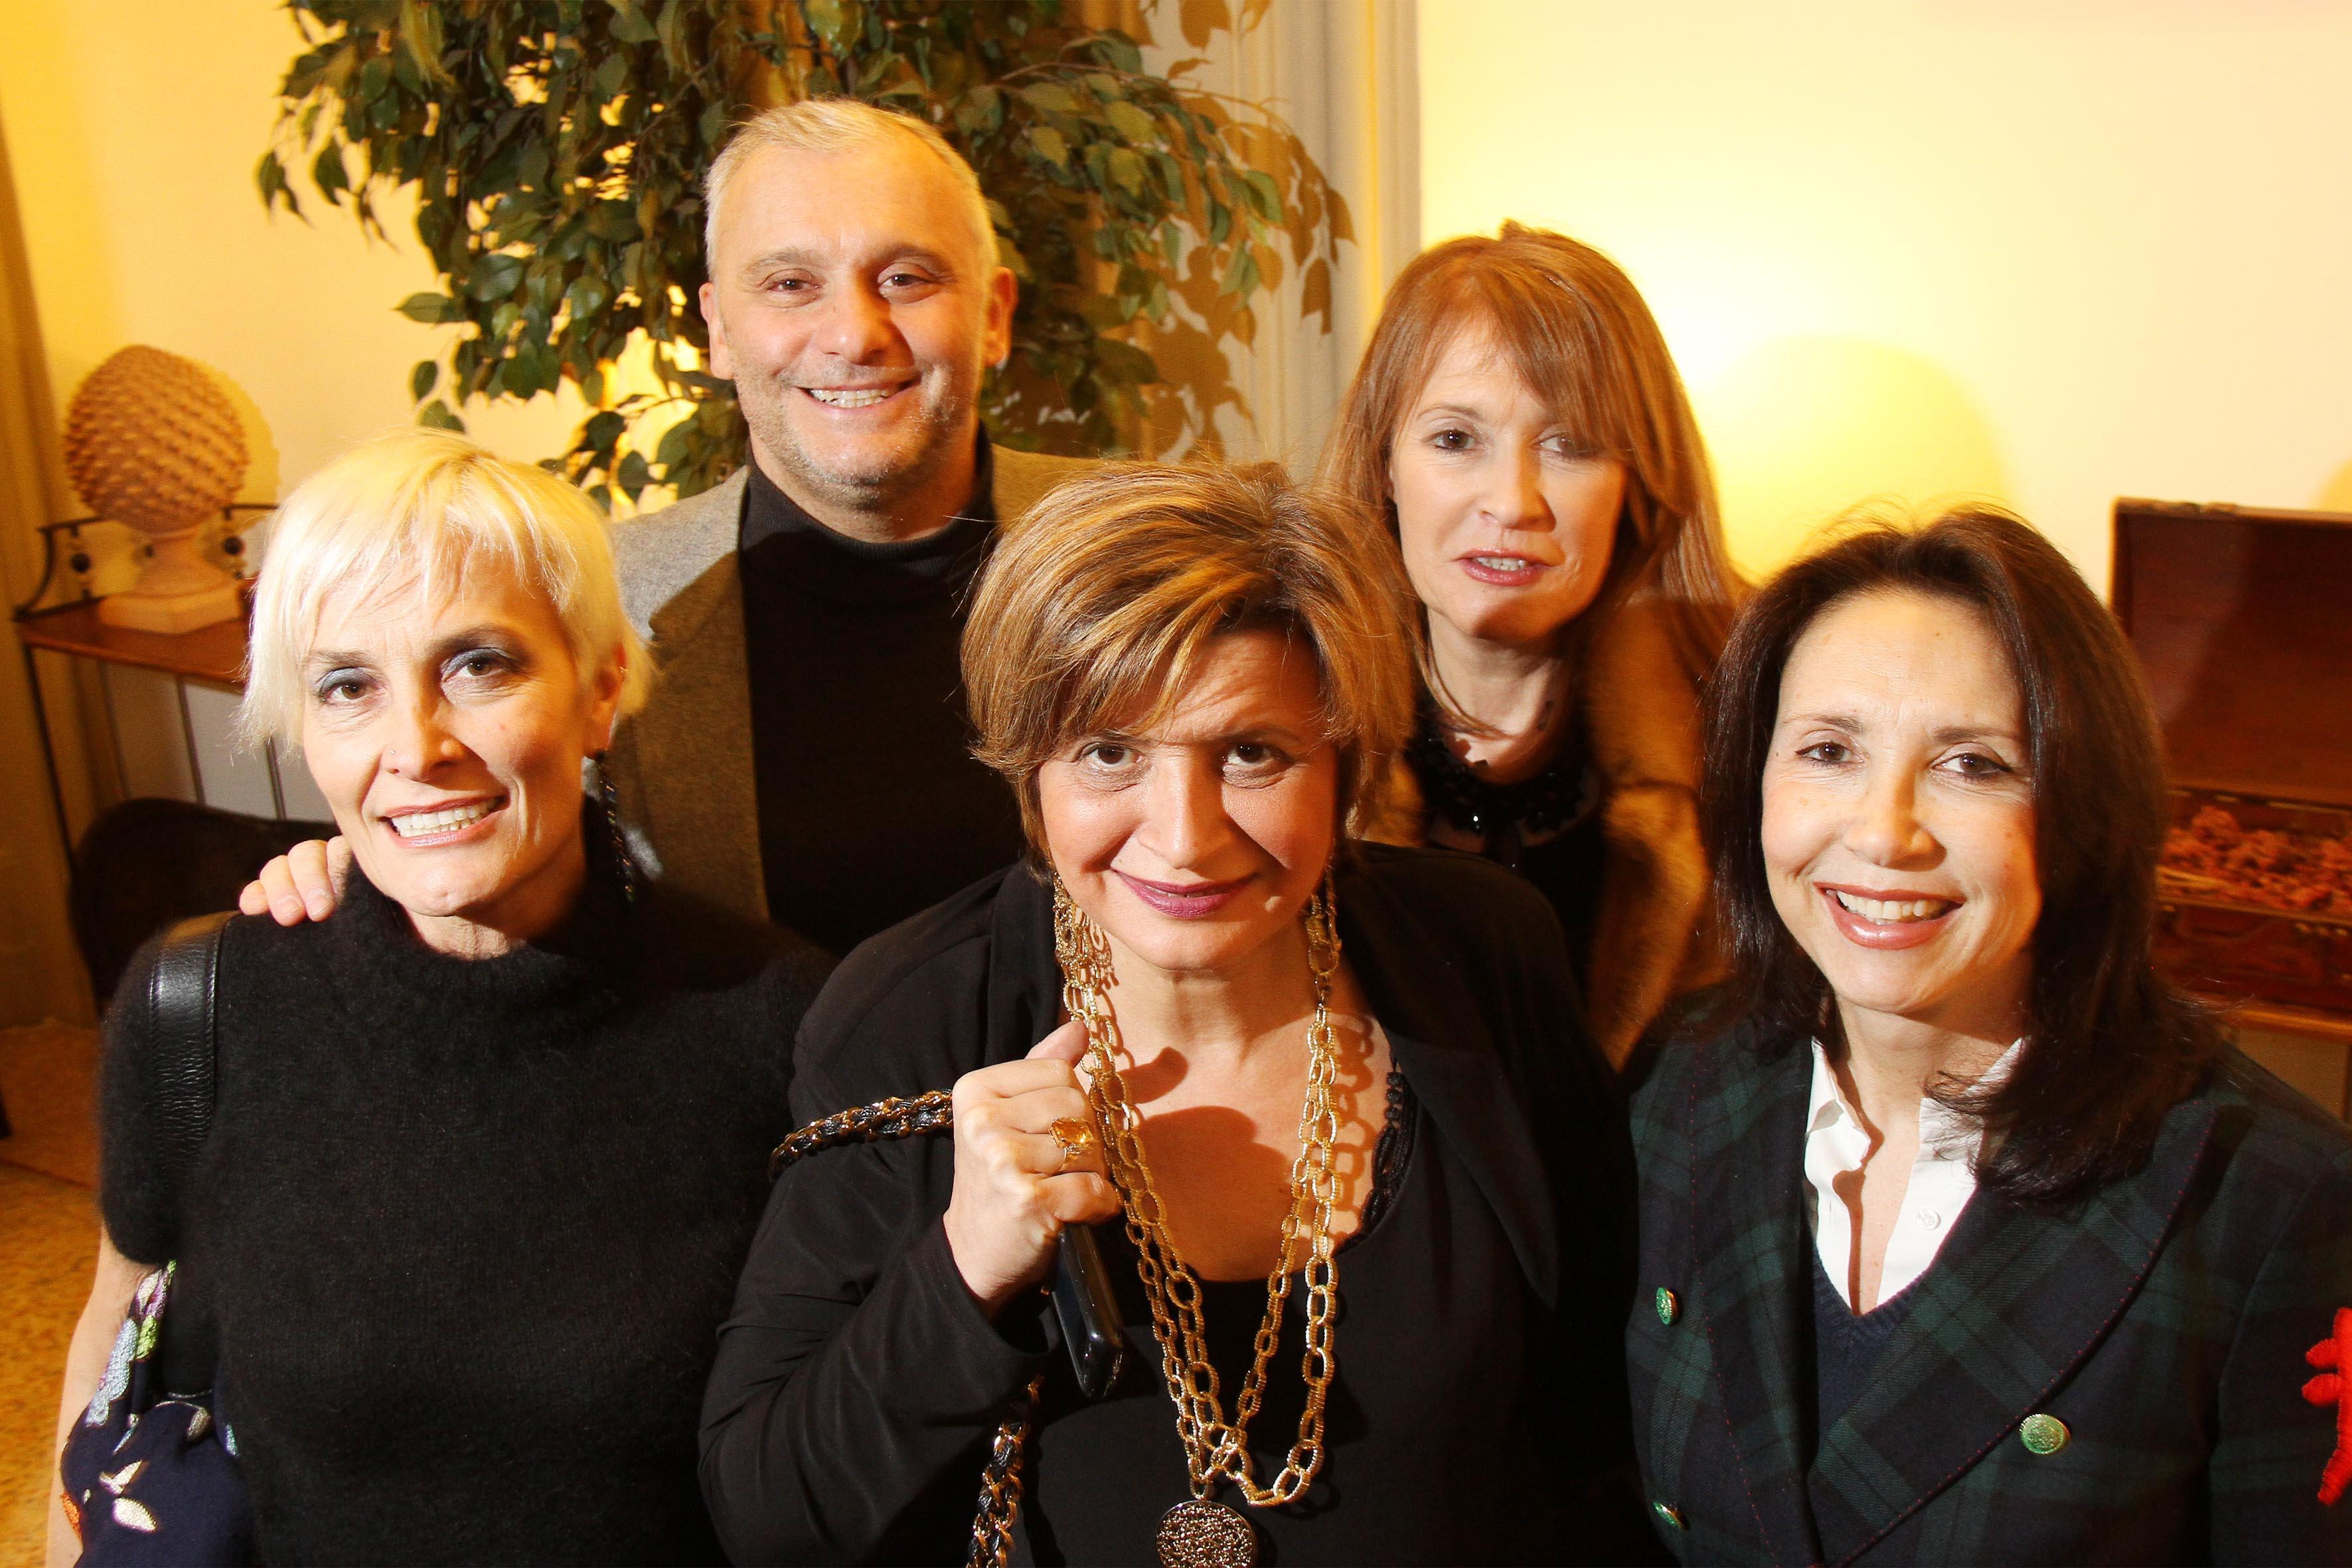 PRESSPHOTO  Firenze Magazine, mostra fotografica al Relais Santa Croce: Simone Bartolini con Monica Berti, Maria Bandini, Stefania Boni, Simonetta D'Ettorre